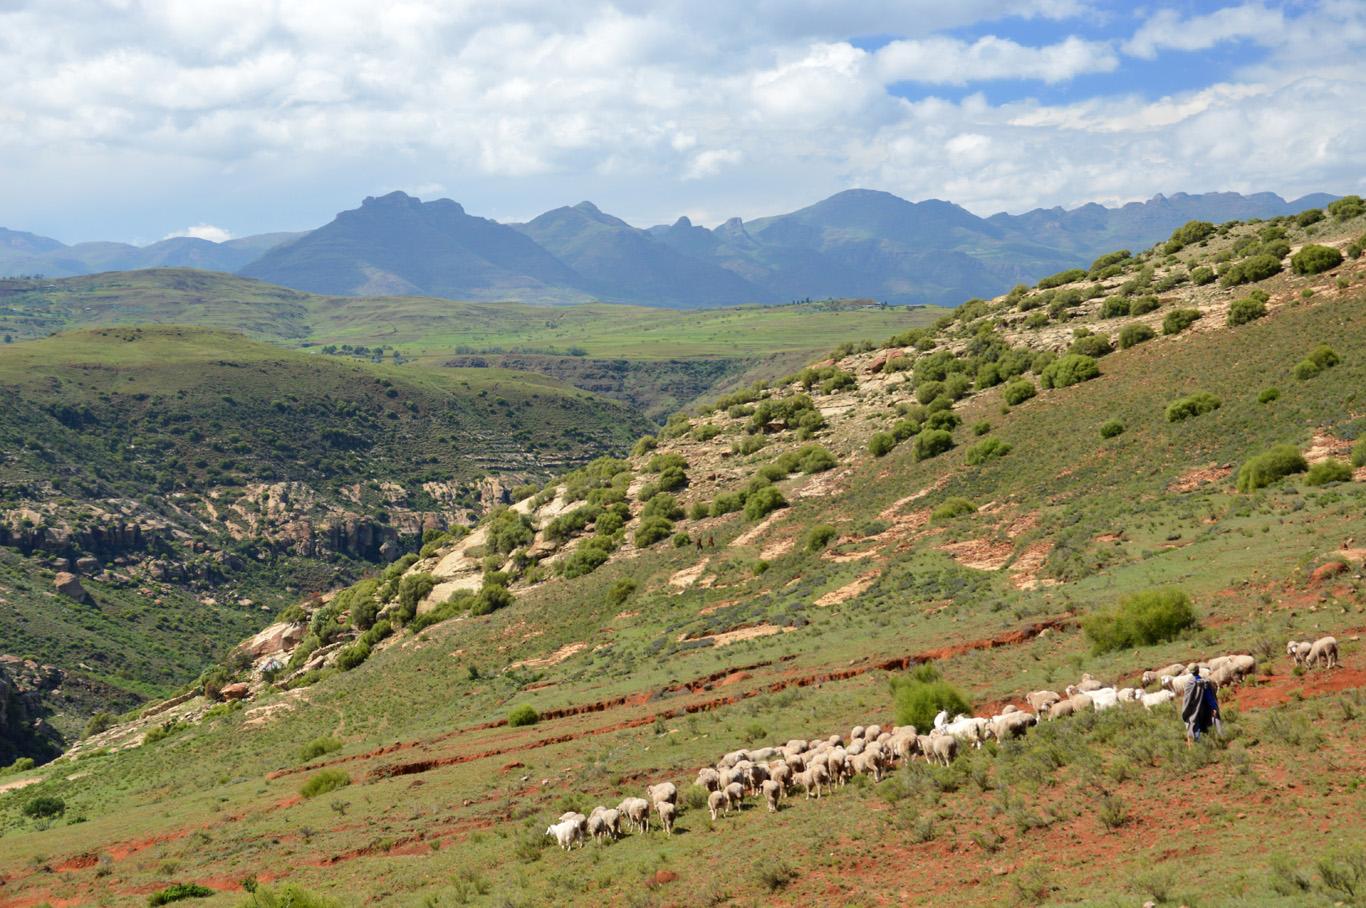 The shepherd and his herd